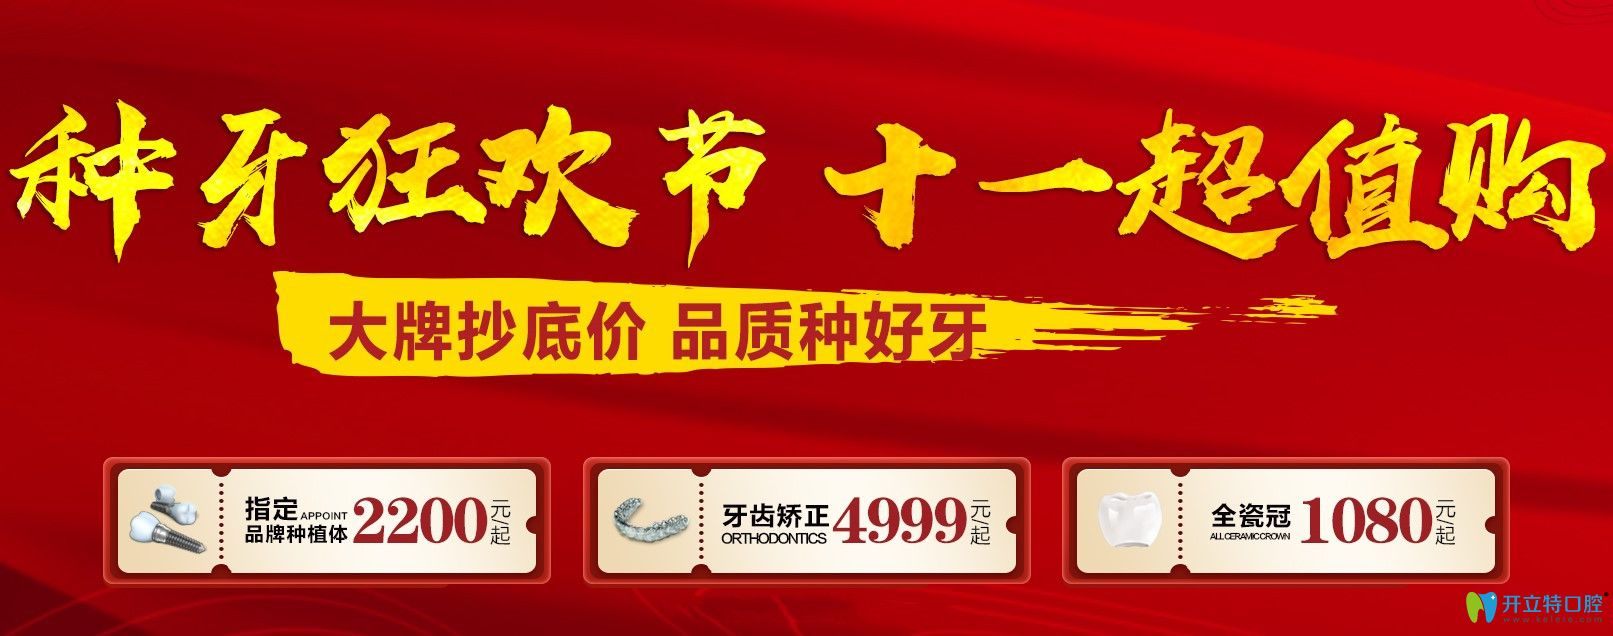 重庆牙博士口腔种牙狂欢节,韩国奥齿泰种植体价格2200元起